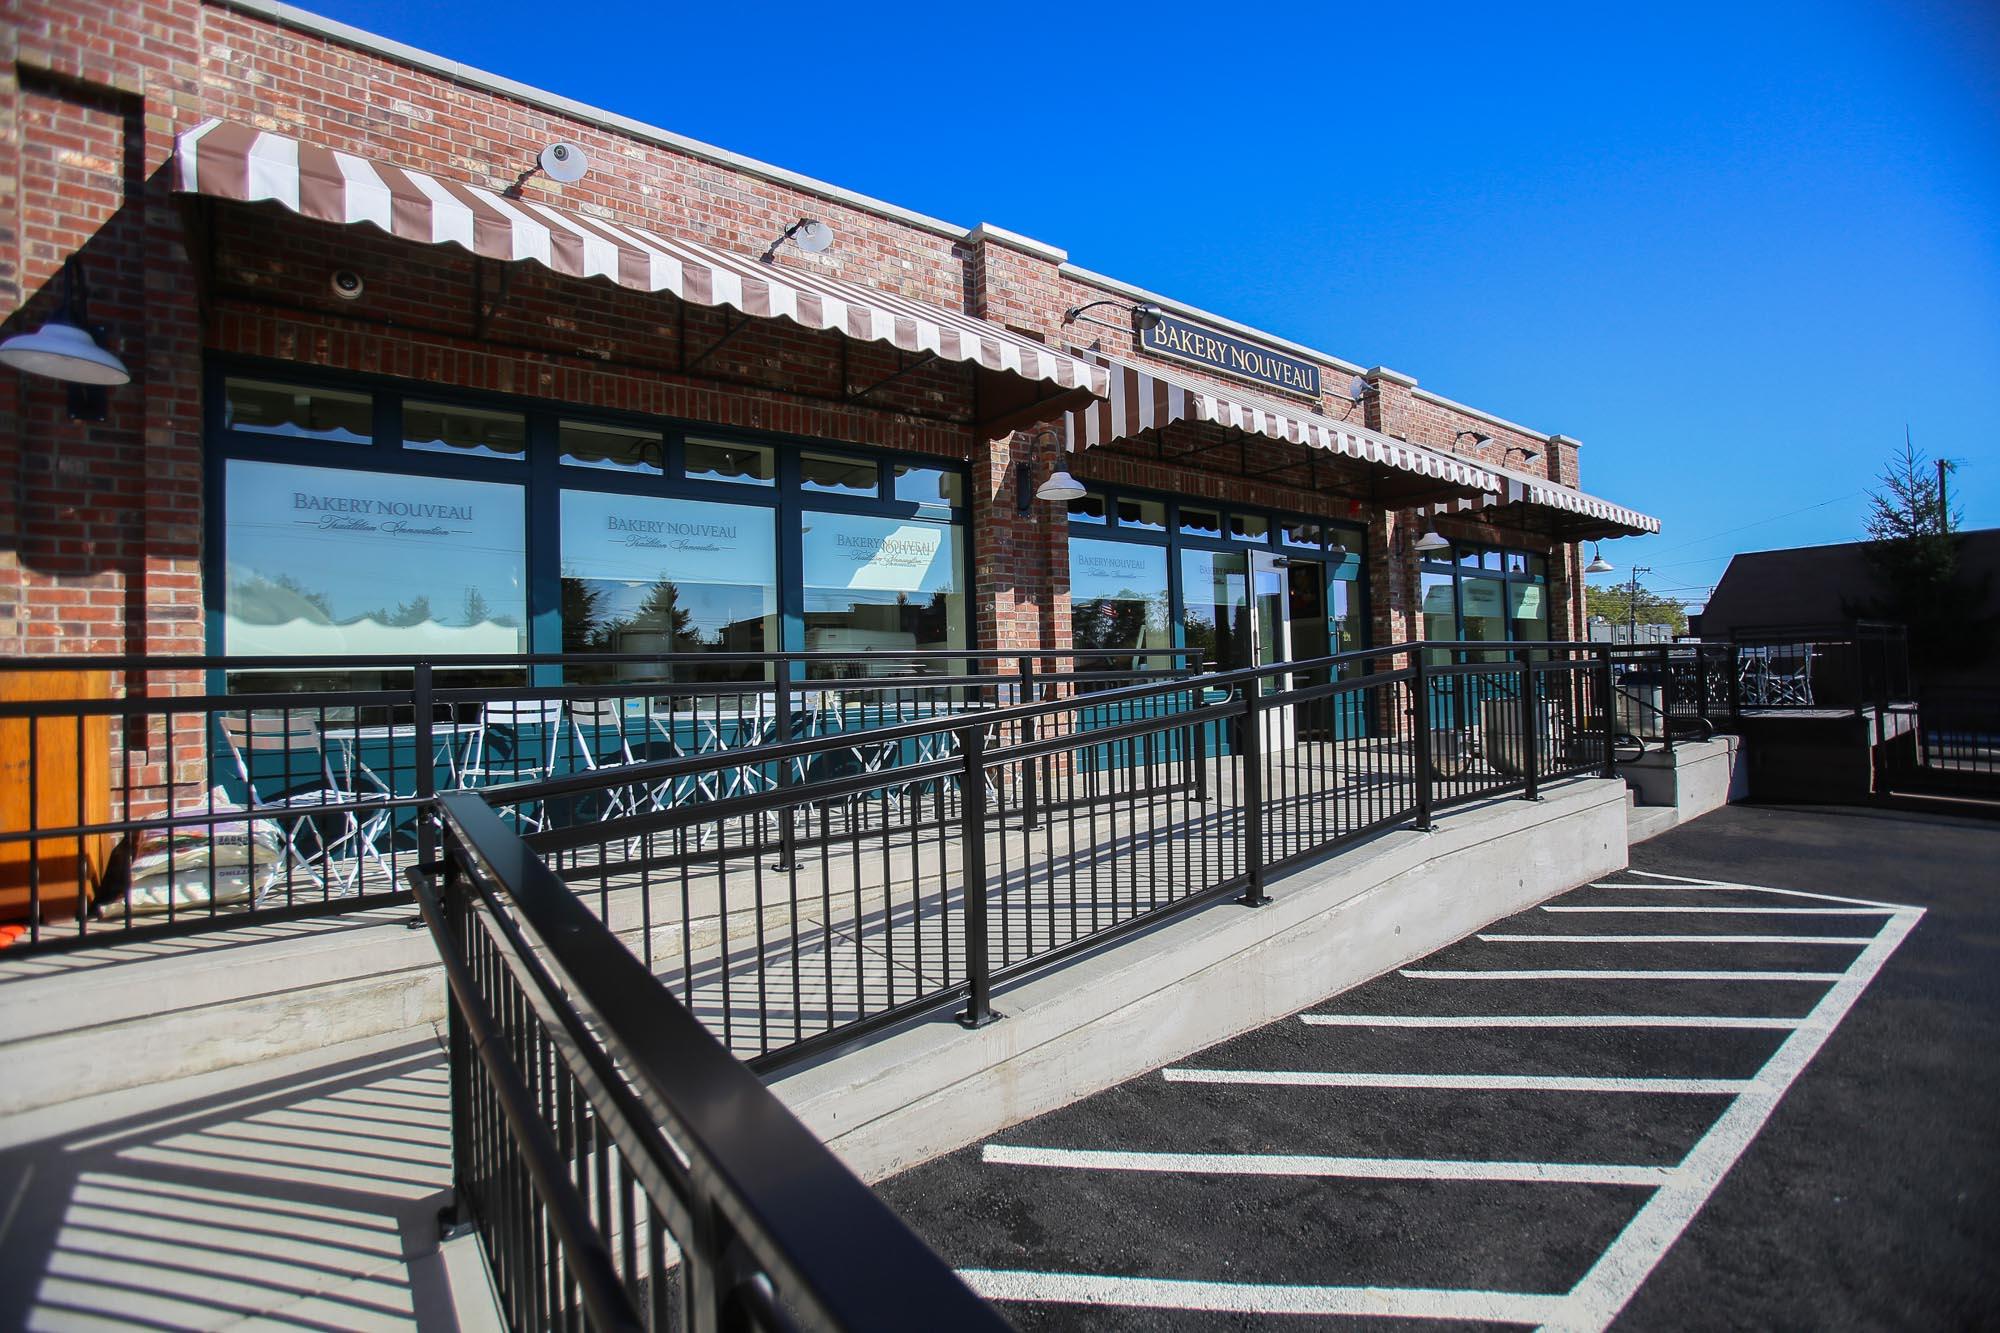 Cafe Nouveau West Seattle